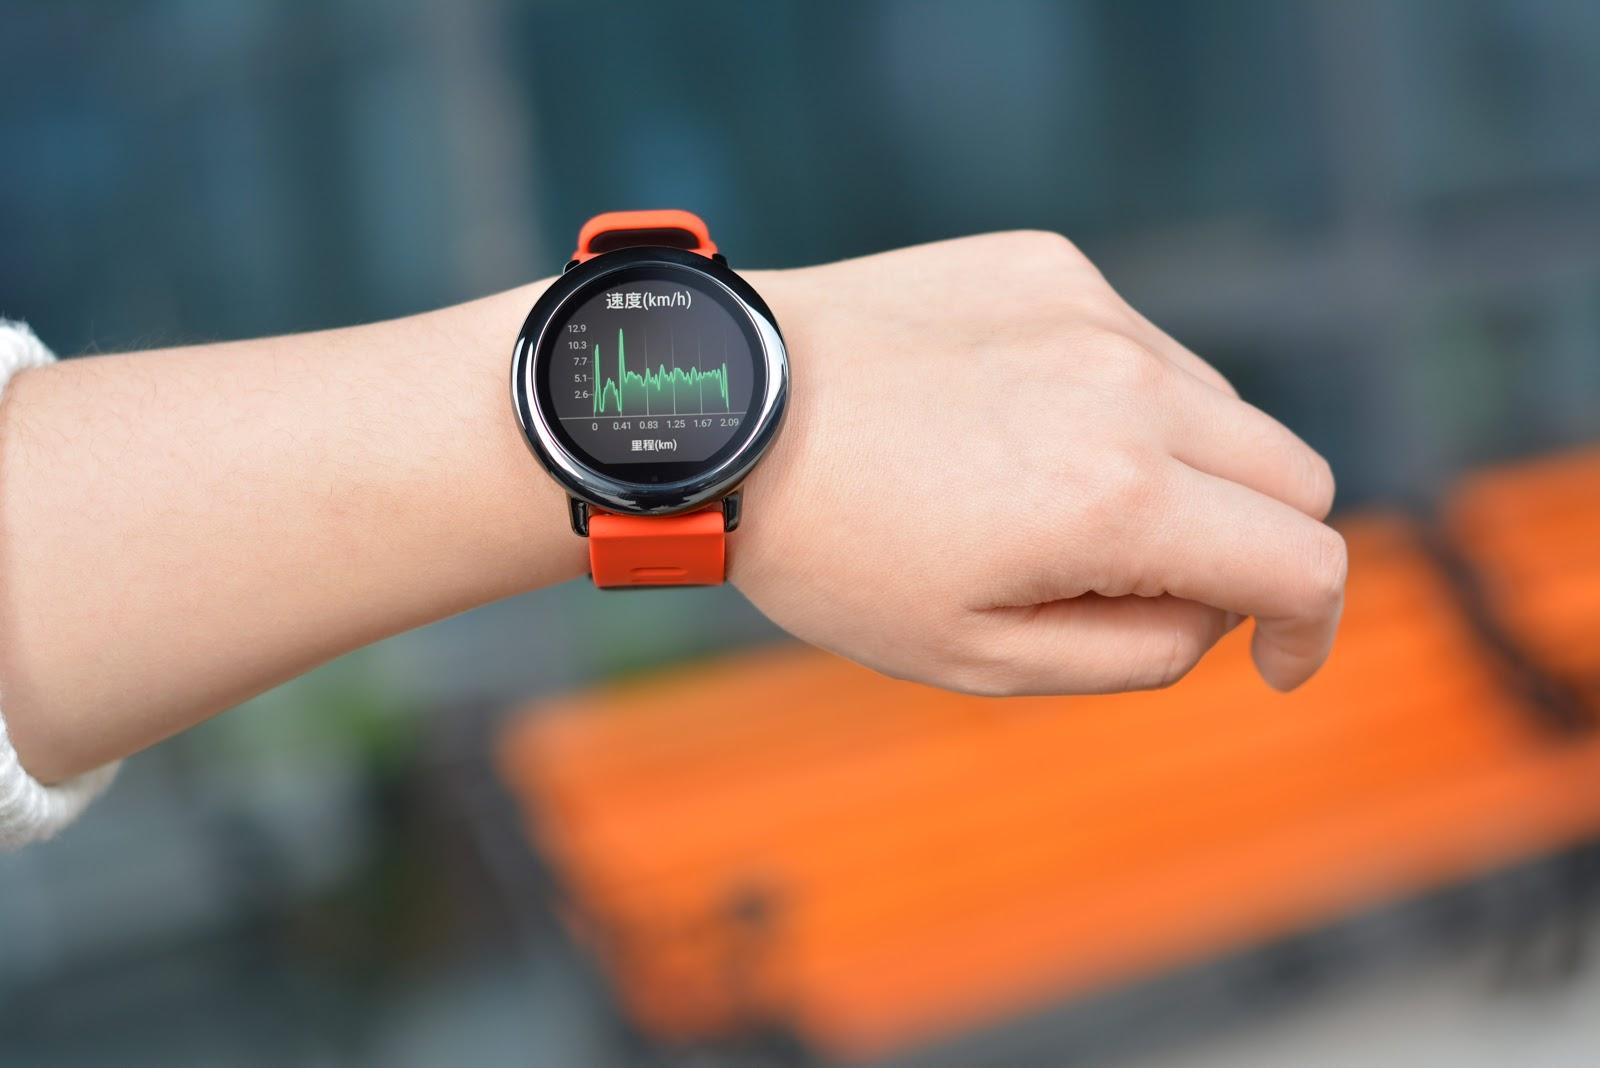 【2017米粉節】小米香港推出新品 Amazfit運動手錶 | 堅。離地城 – U Blog 博客